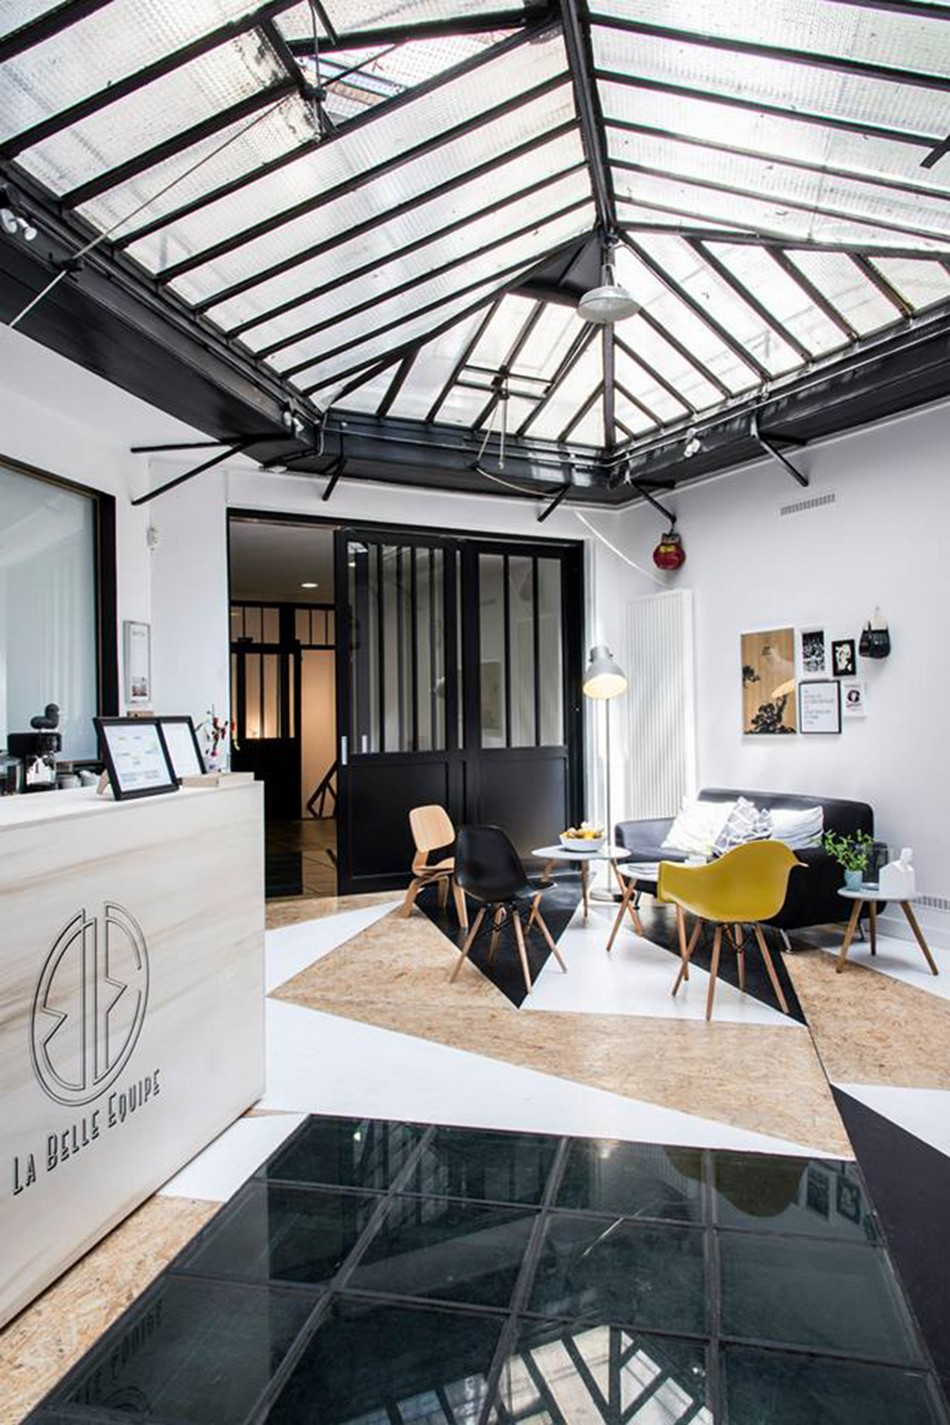 design-La-Belle-Equipe